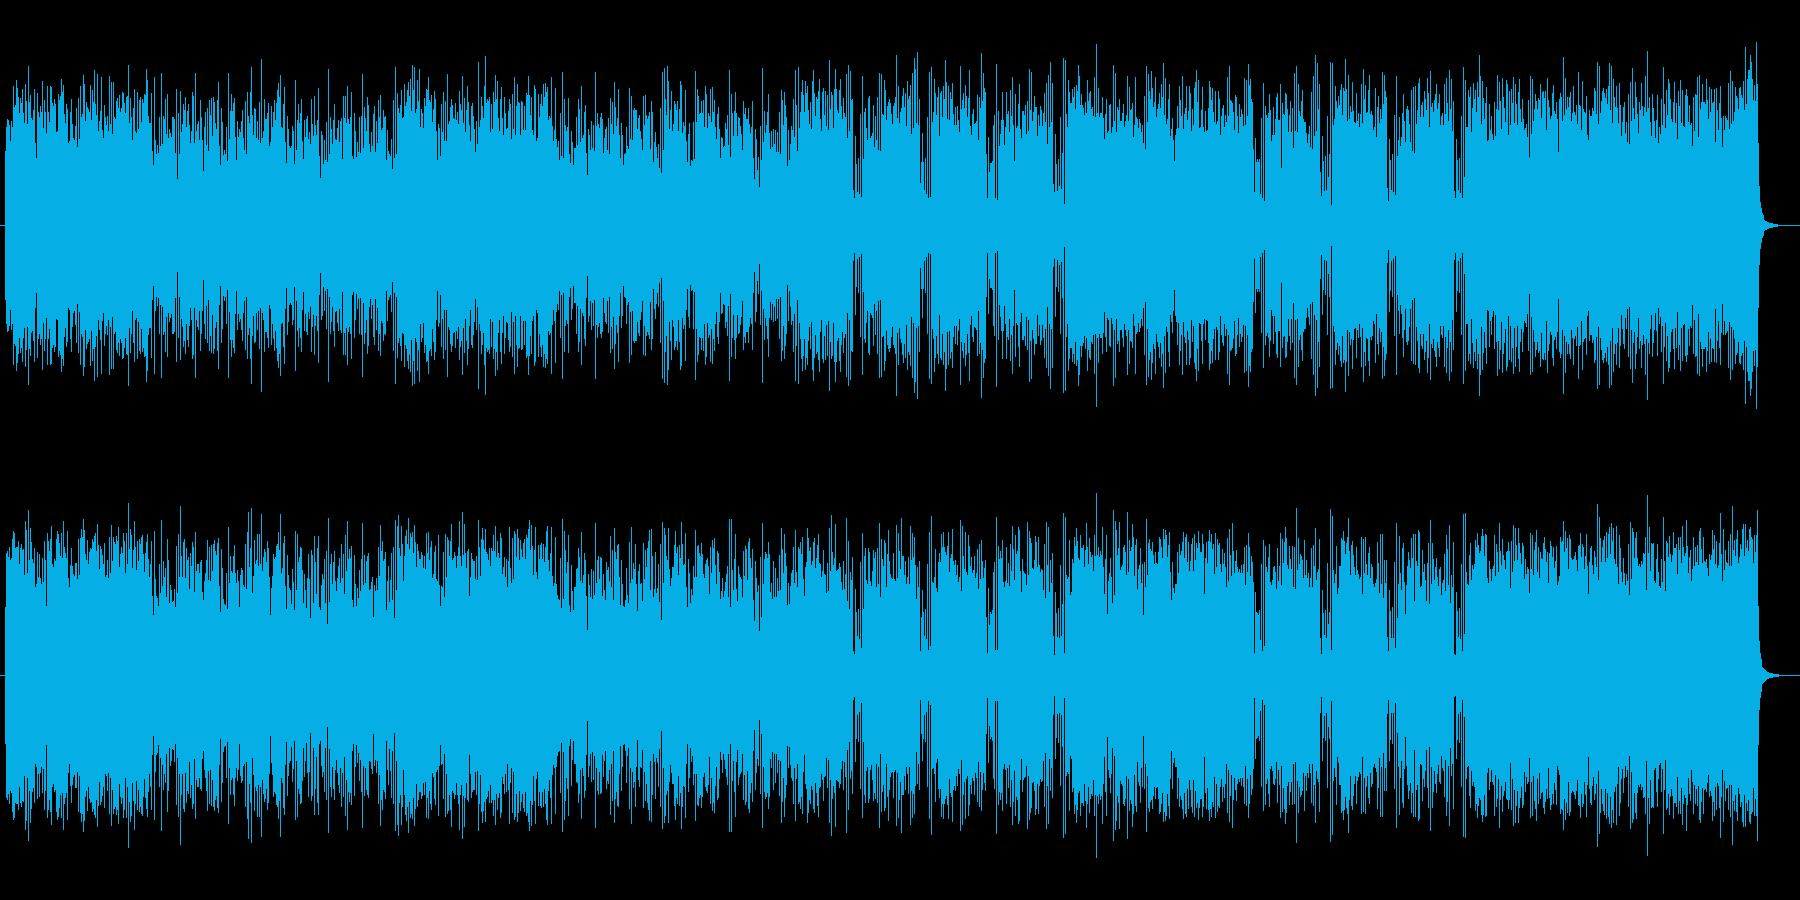 ダイナミックで疾走感のあるポップスの再生済みの波形